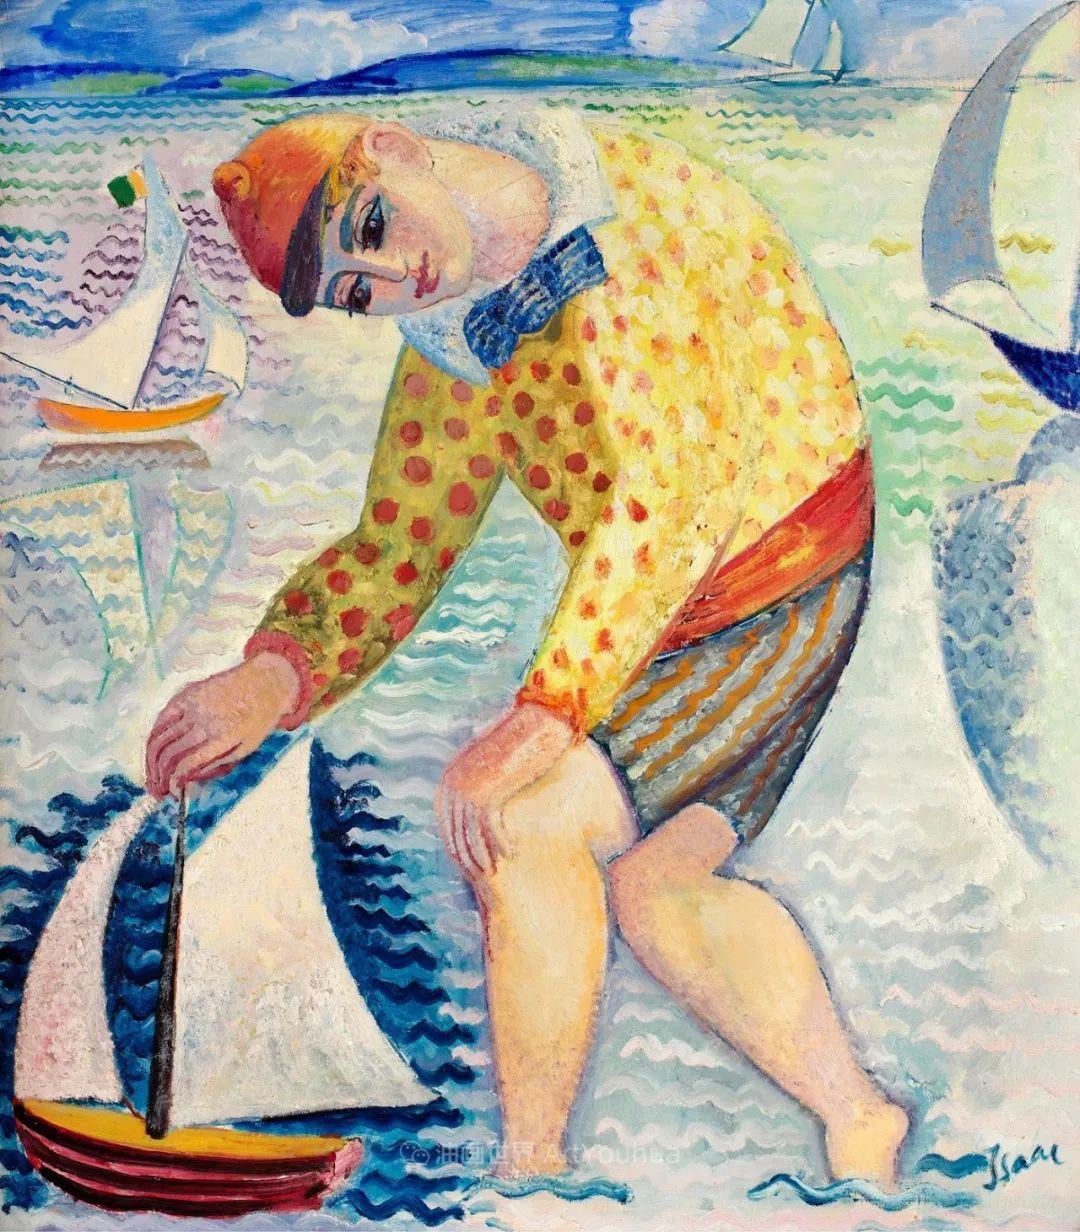 第一代瑞典现代主义的领军人物   艾萨克作品欣赏插图127